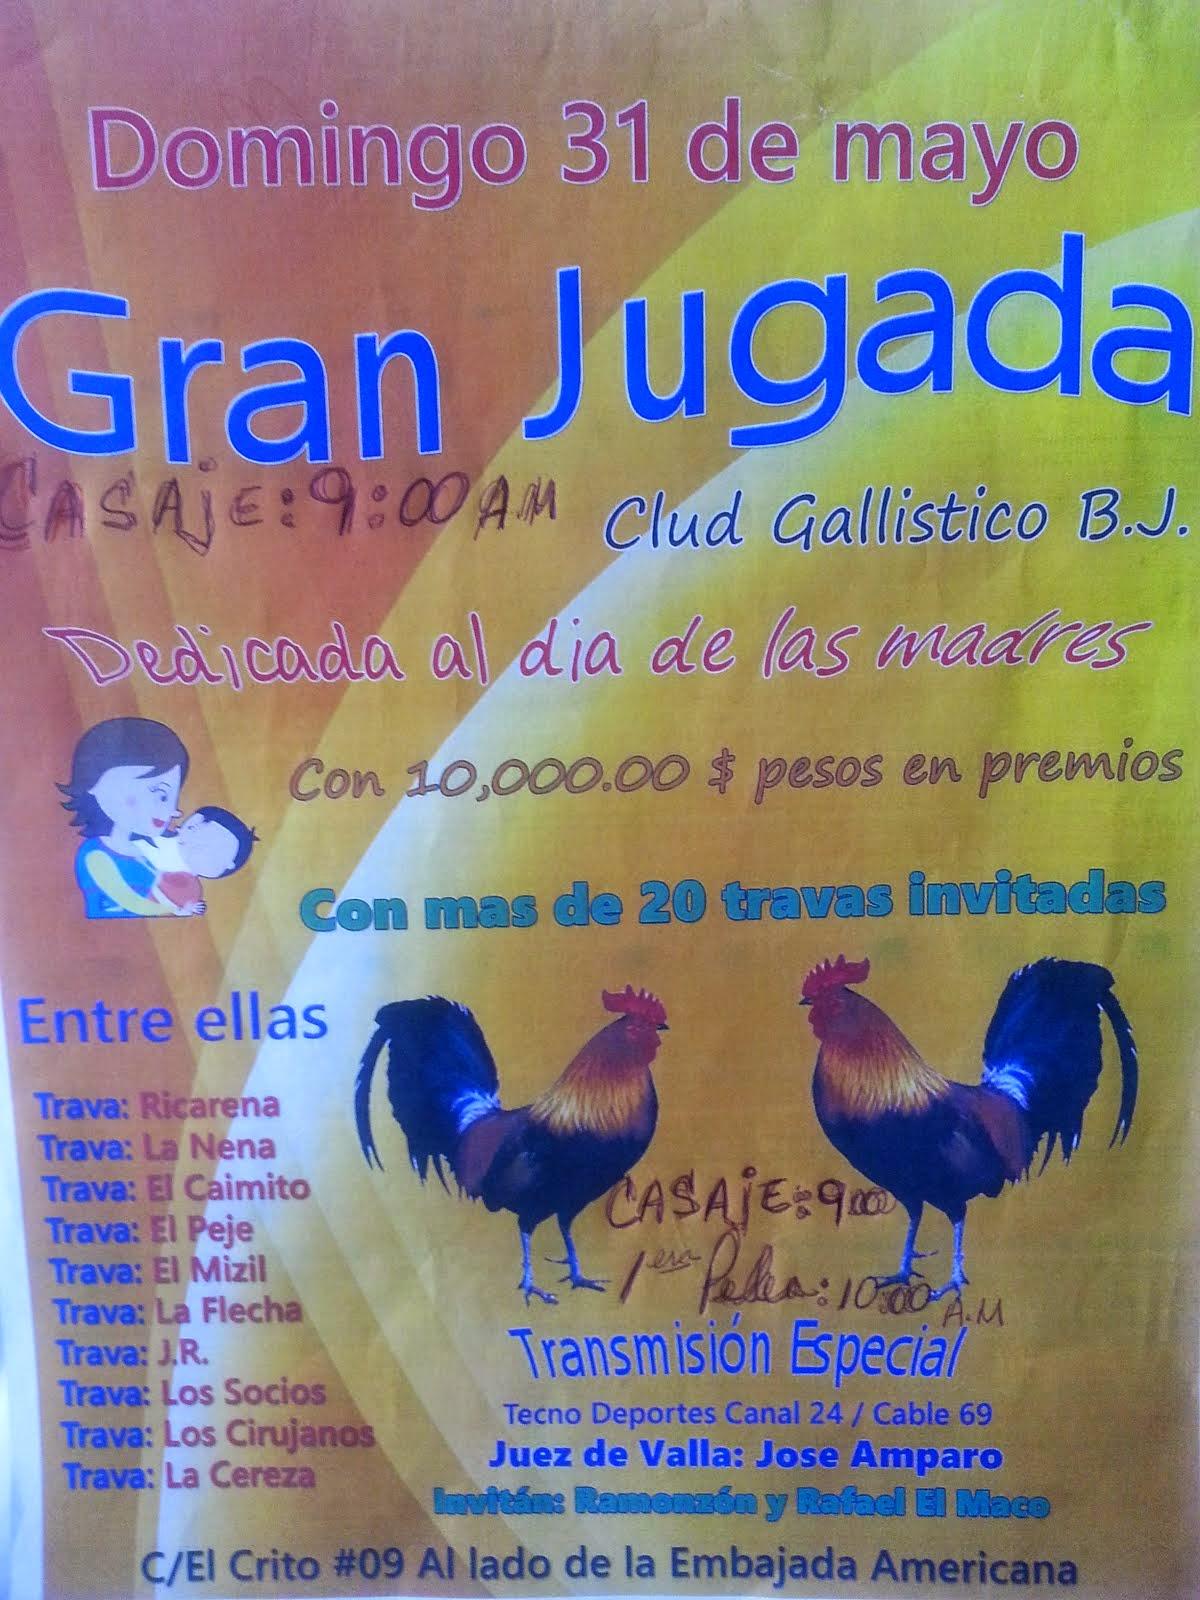 club gallistico bj con Gran Jugada Domingo 31 de Mayo con casaje a las 9:00 am